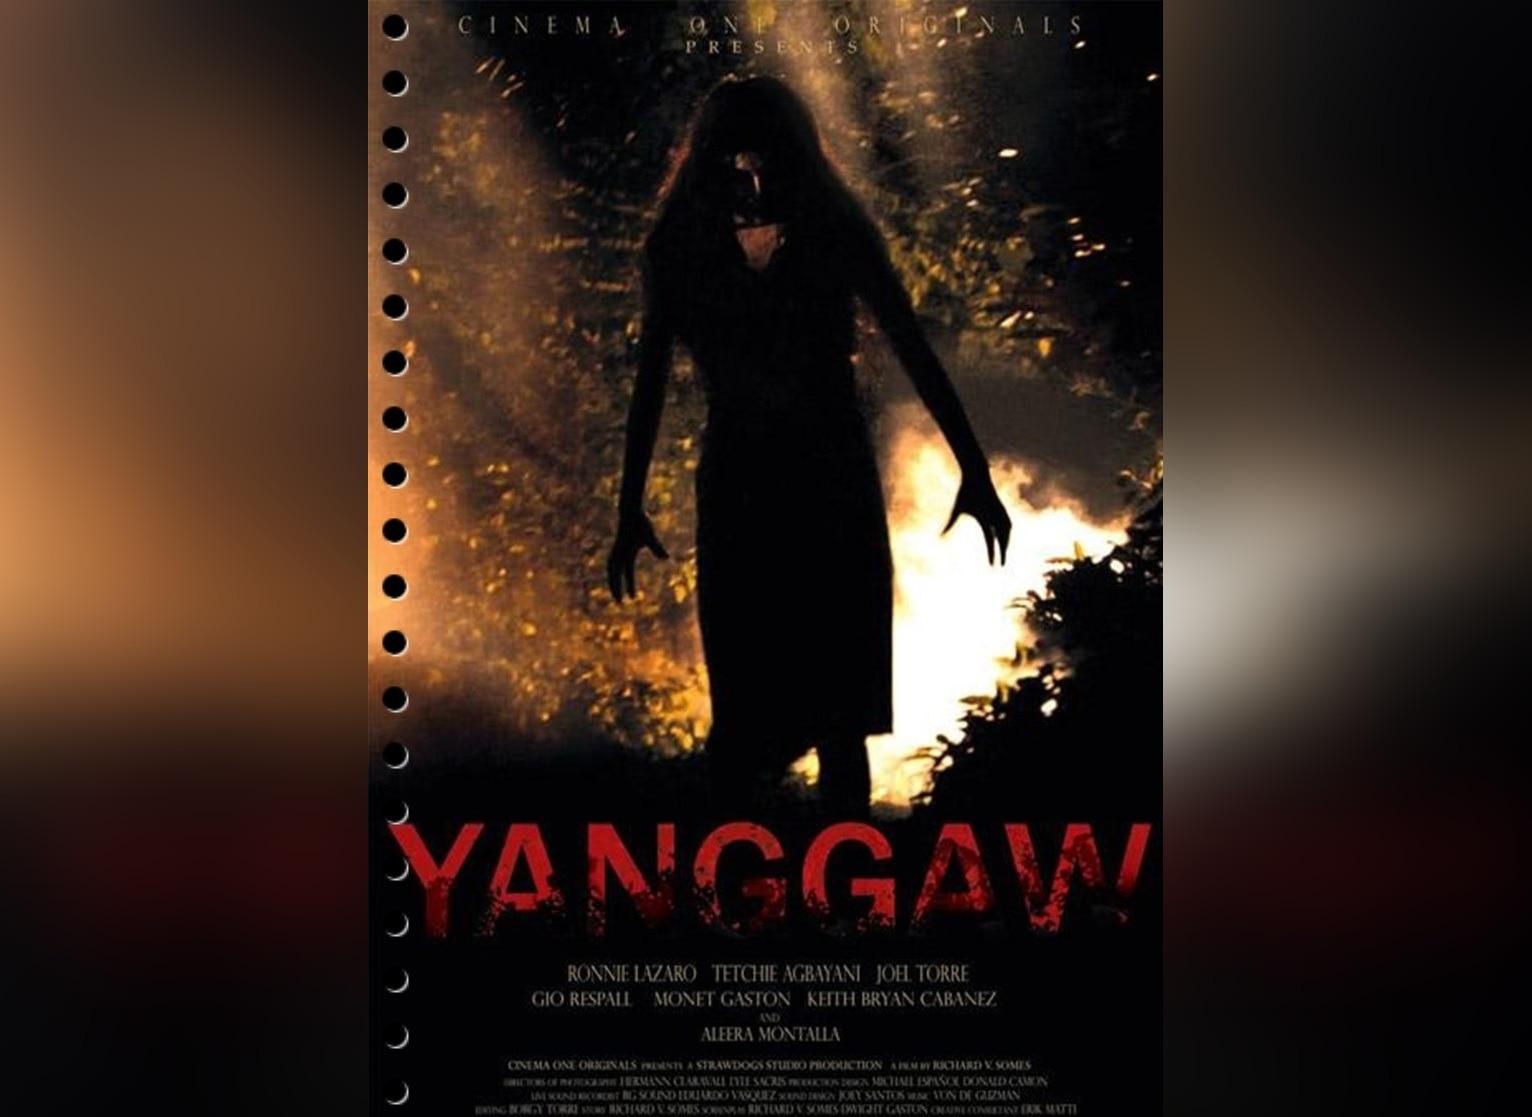 Yanggaw landscape